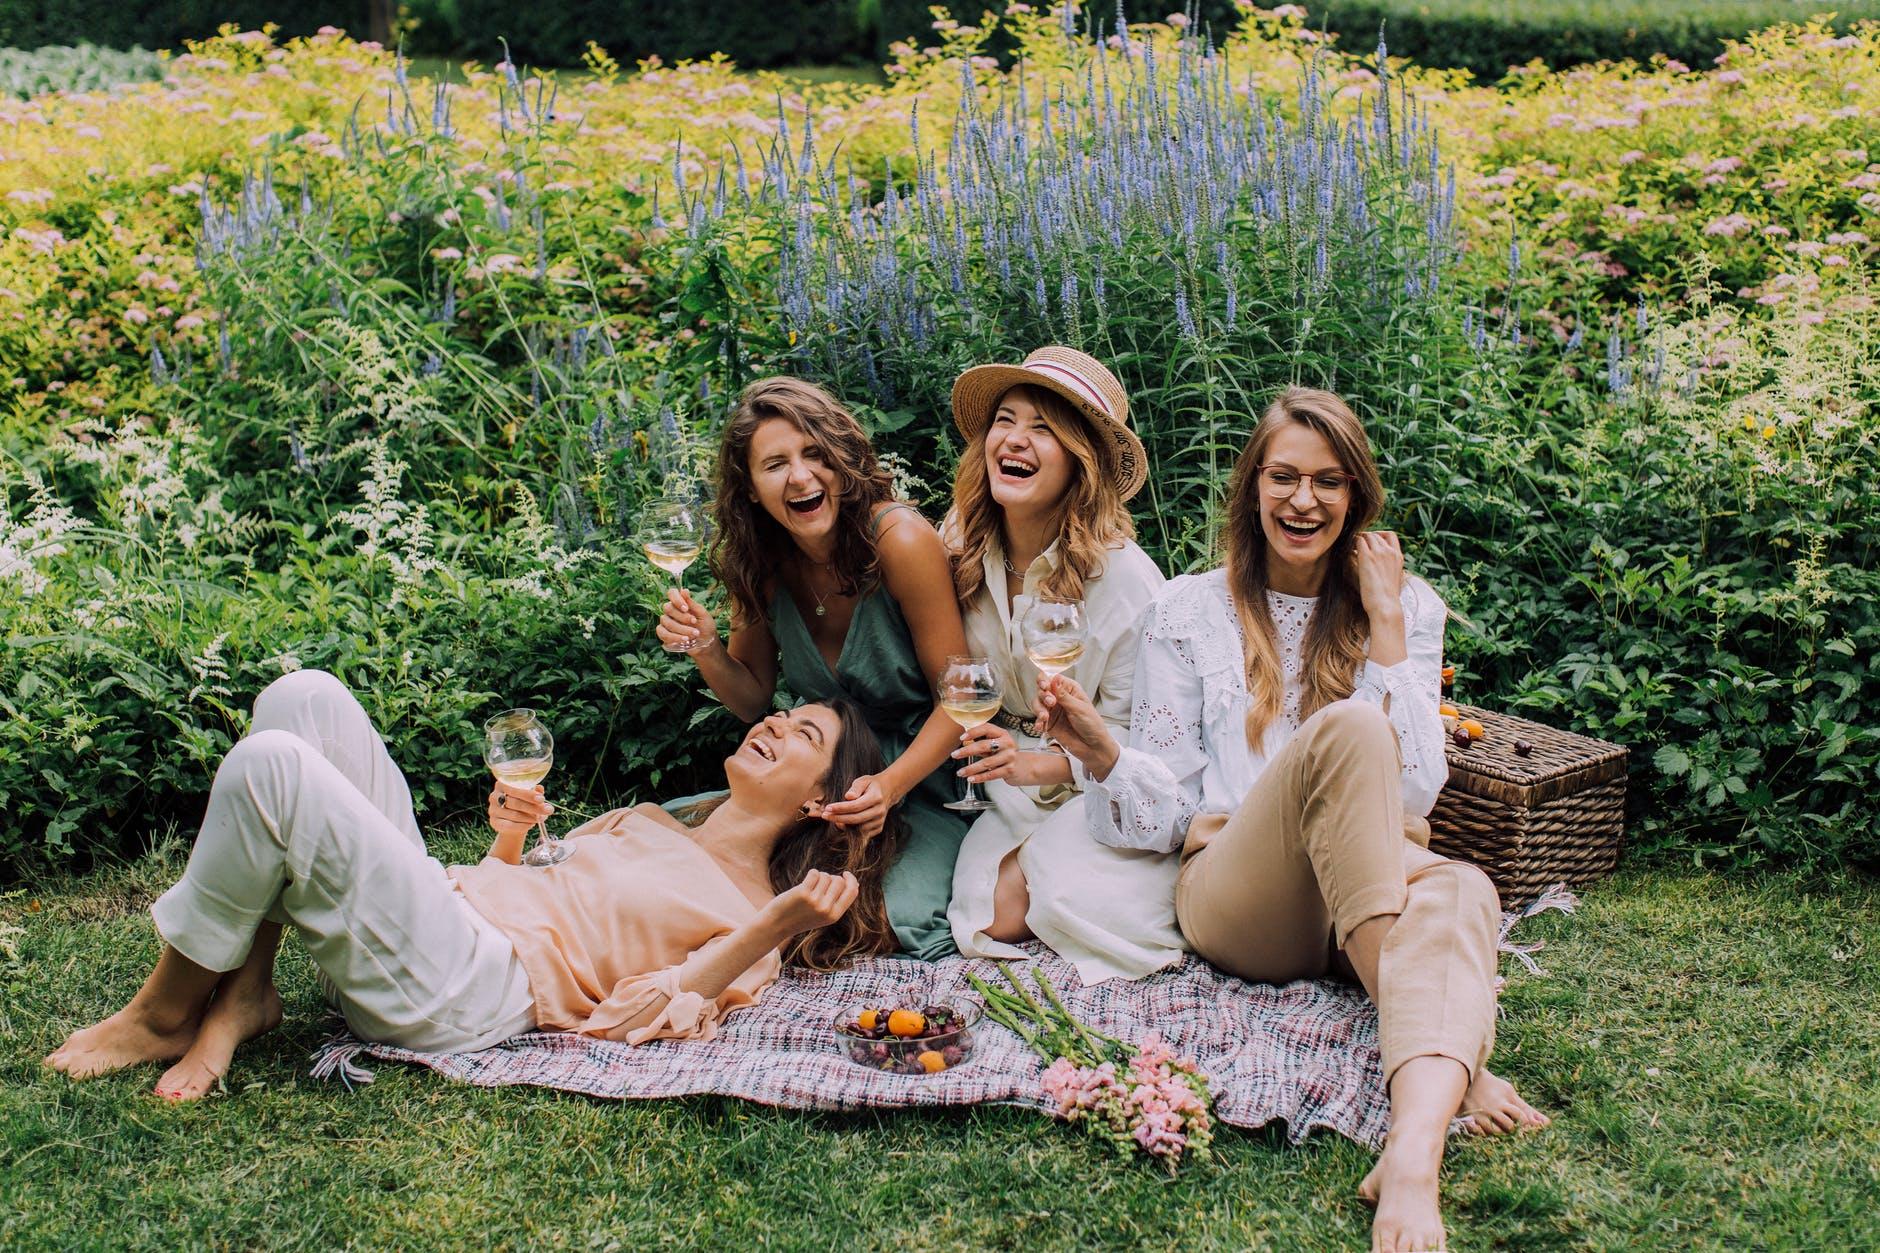 Five Ideas for a Friends' Hangout